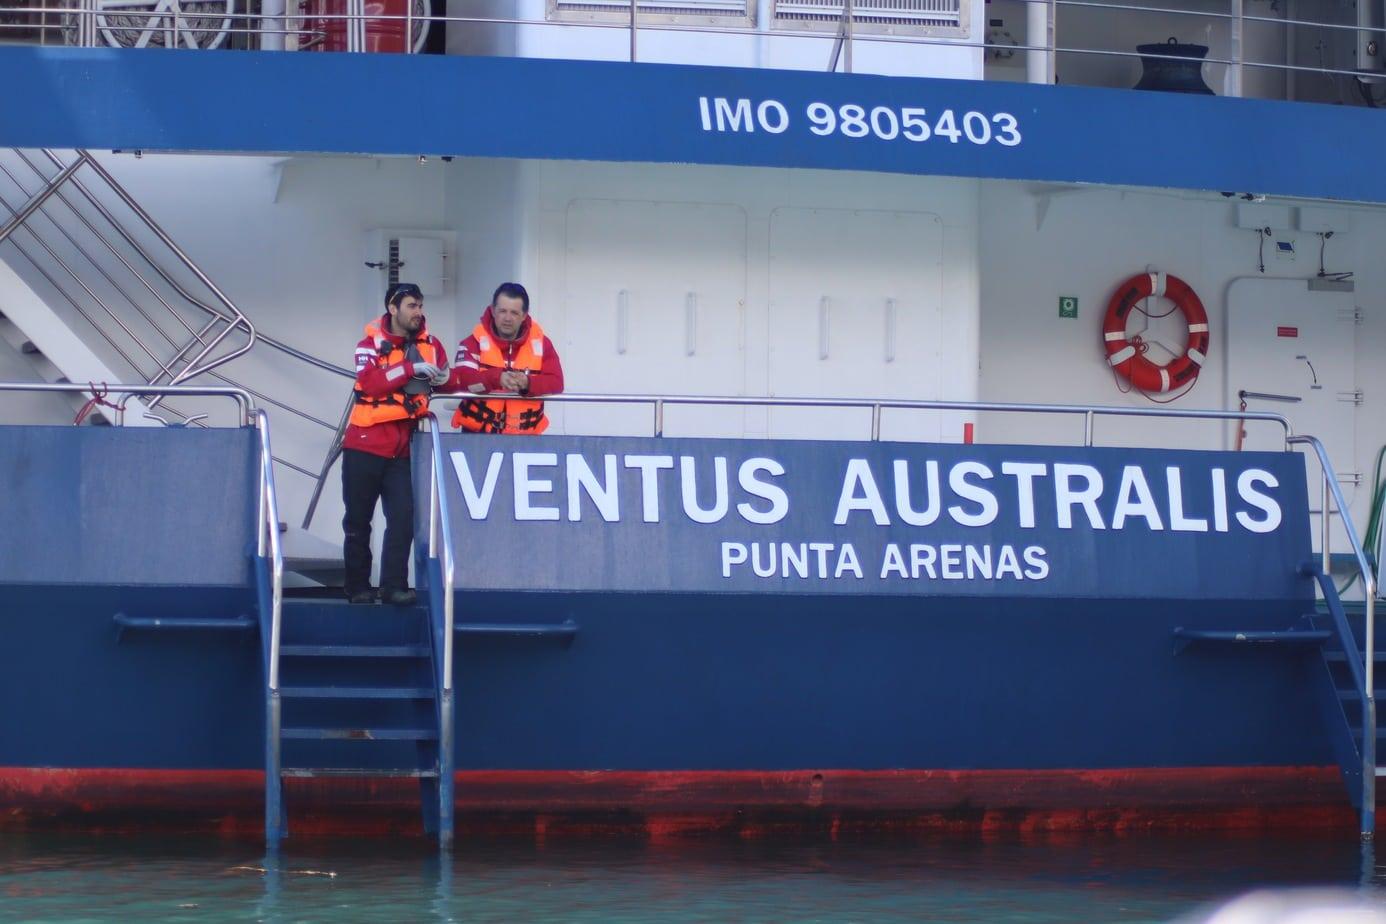 Ventus Australis Cruise Ship